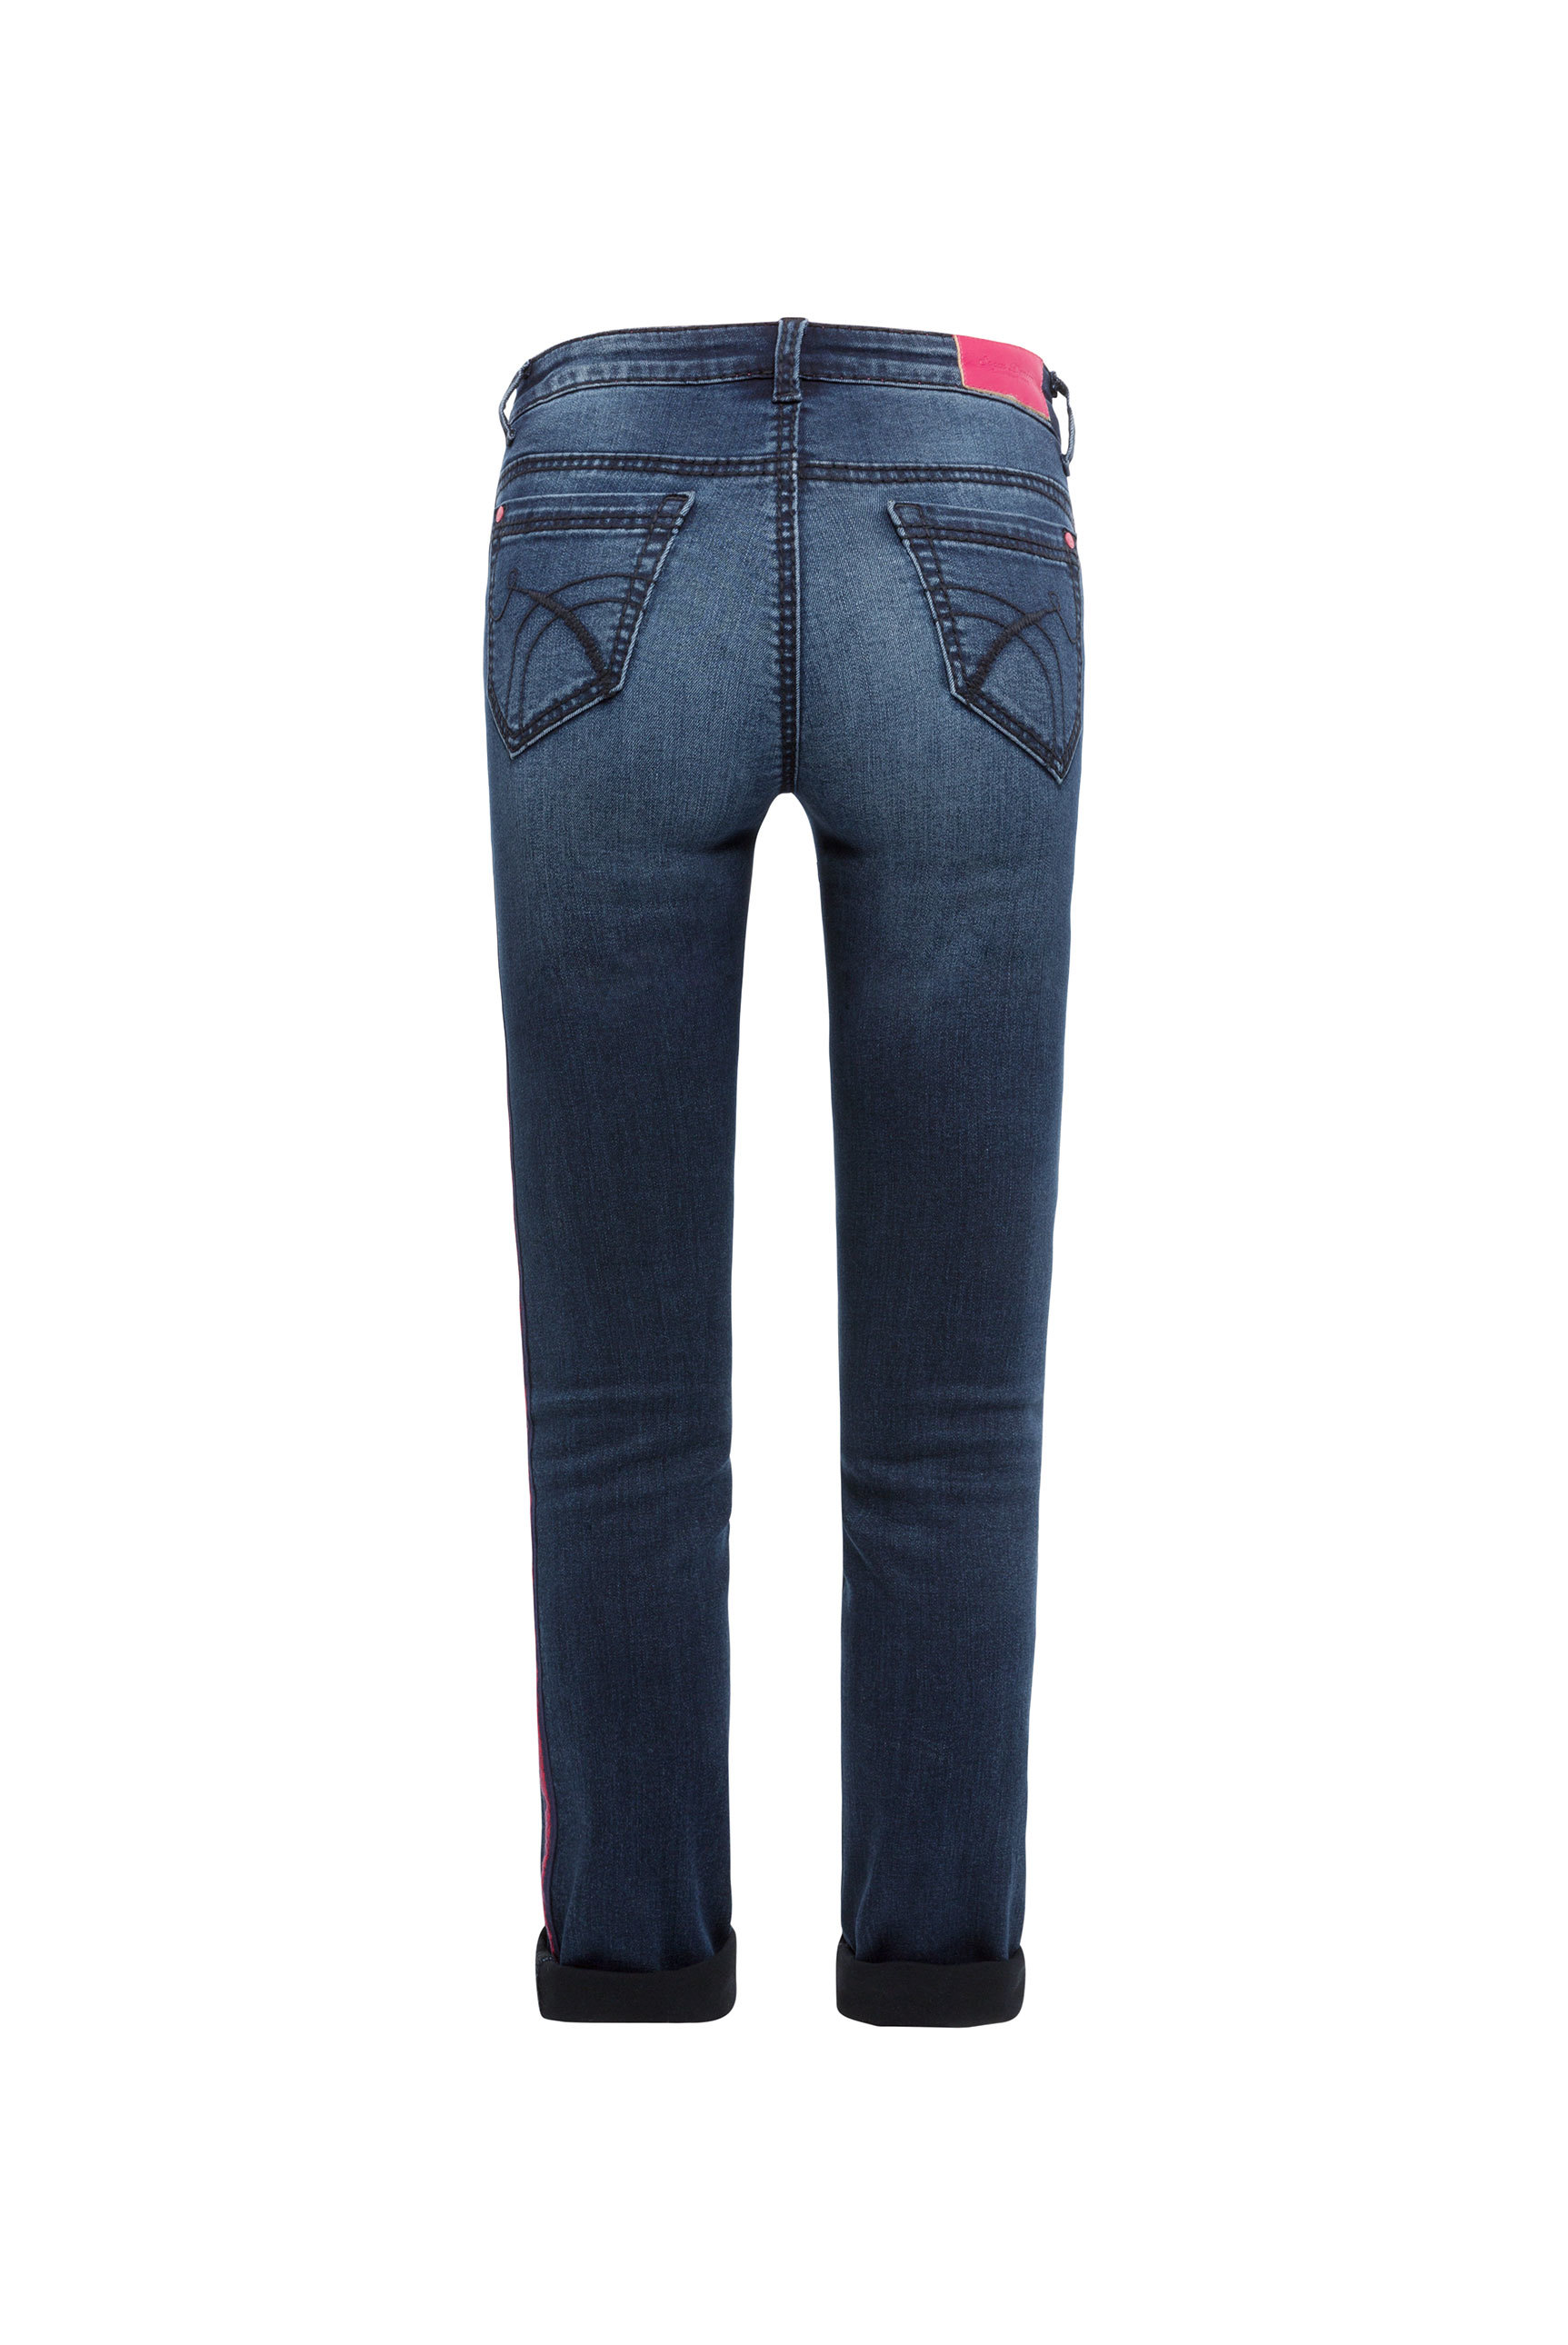 Jeans mit Moustache-Effekten und Seitentape RO:MY